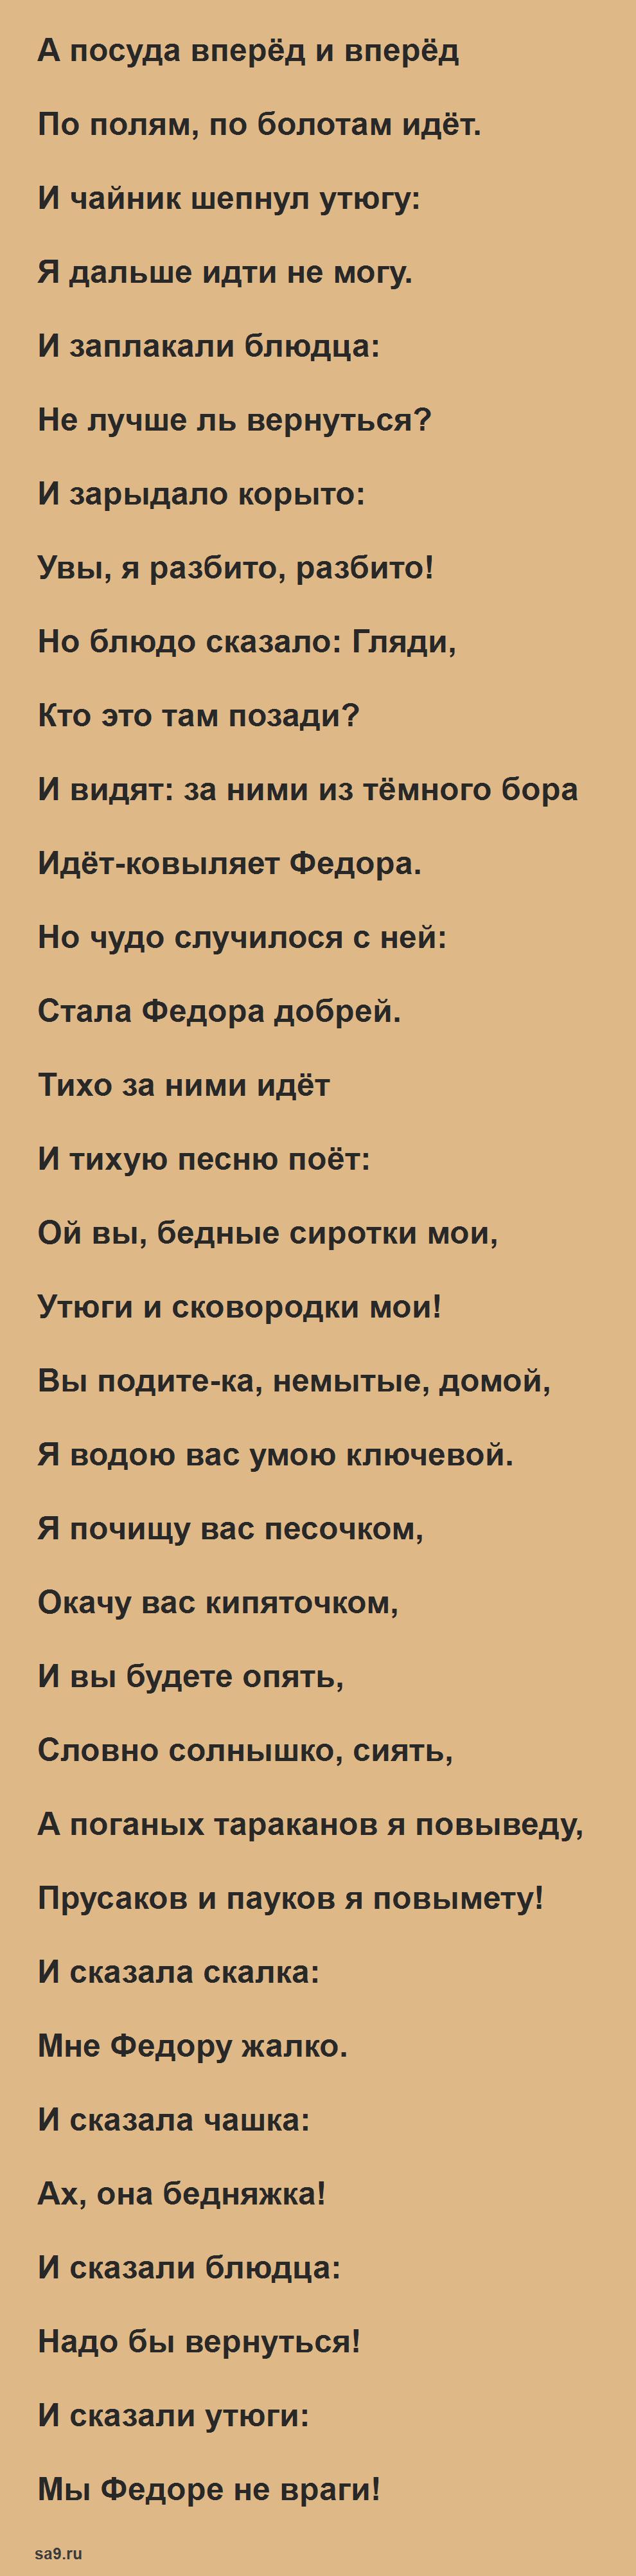 Сказка Чуковского для детей 'Федорино горе', бесплатно